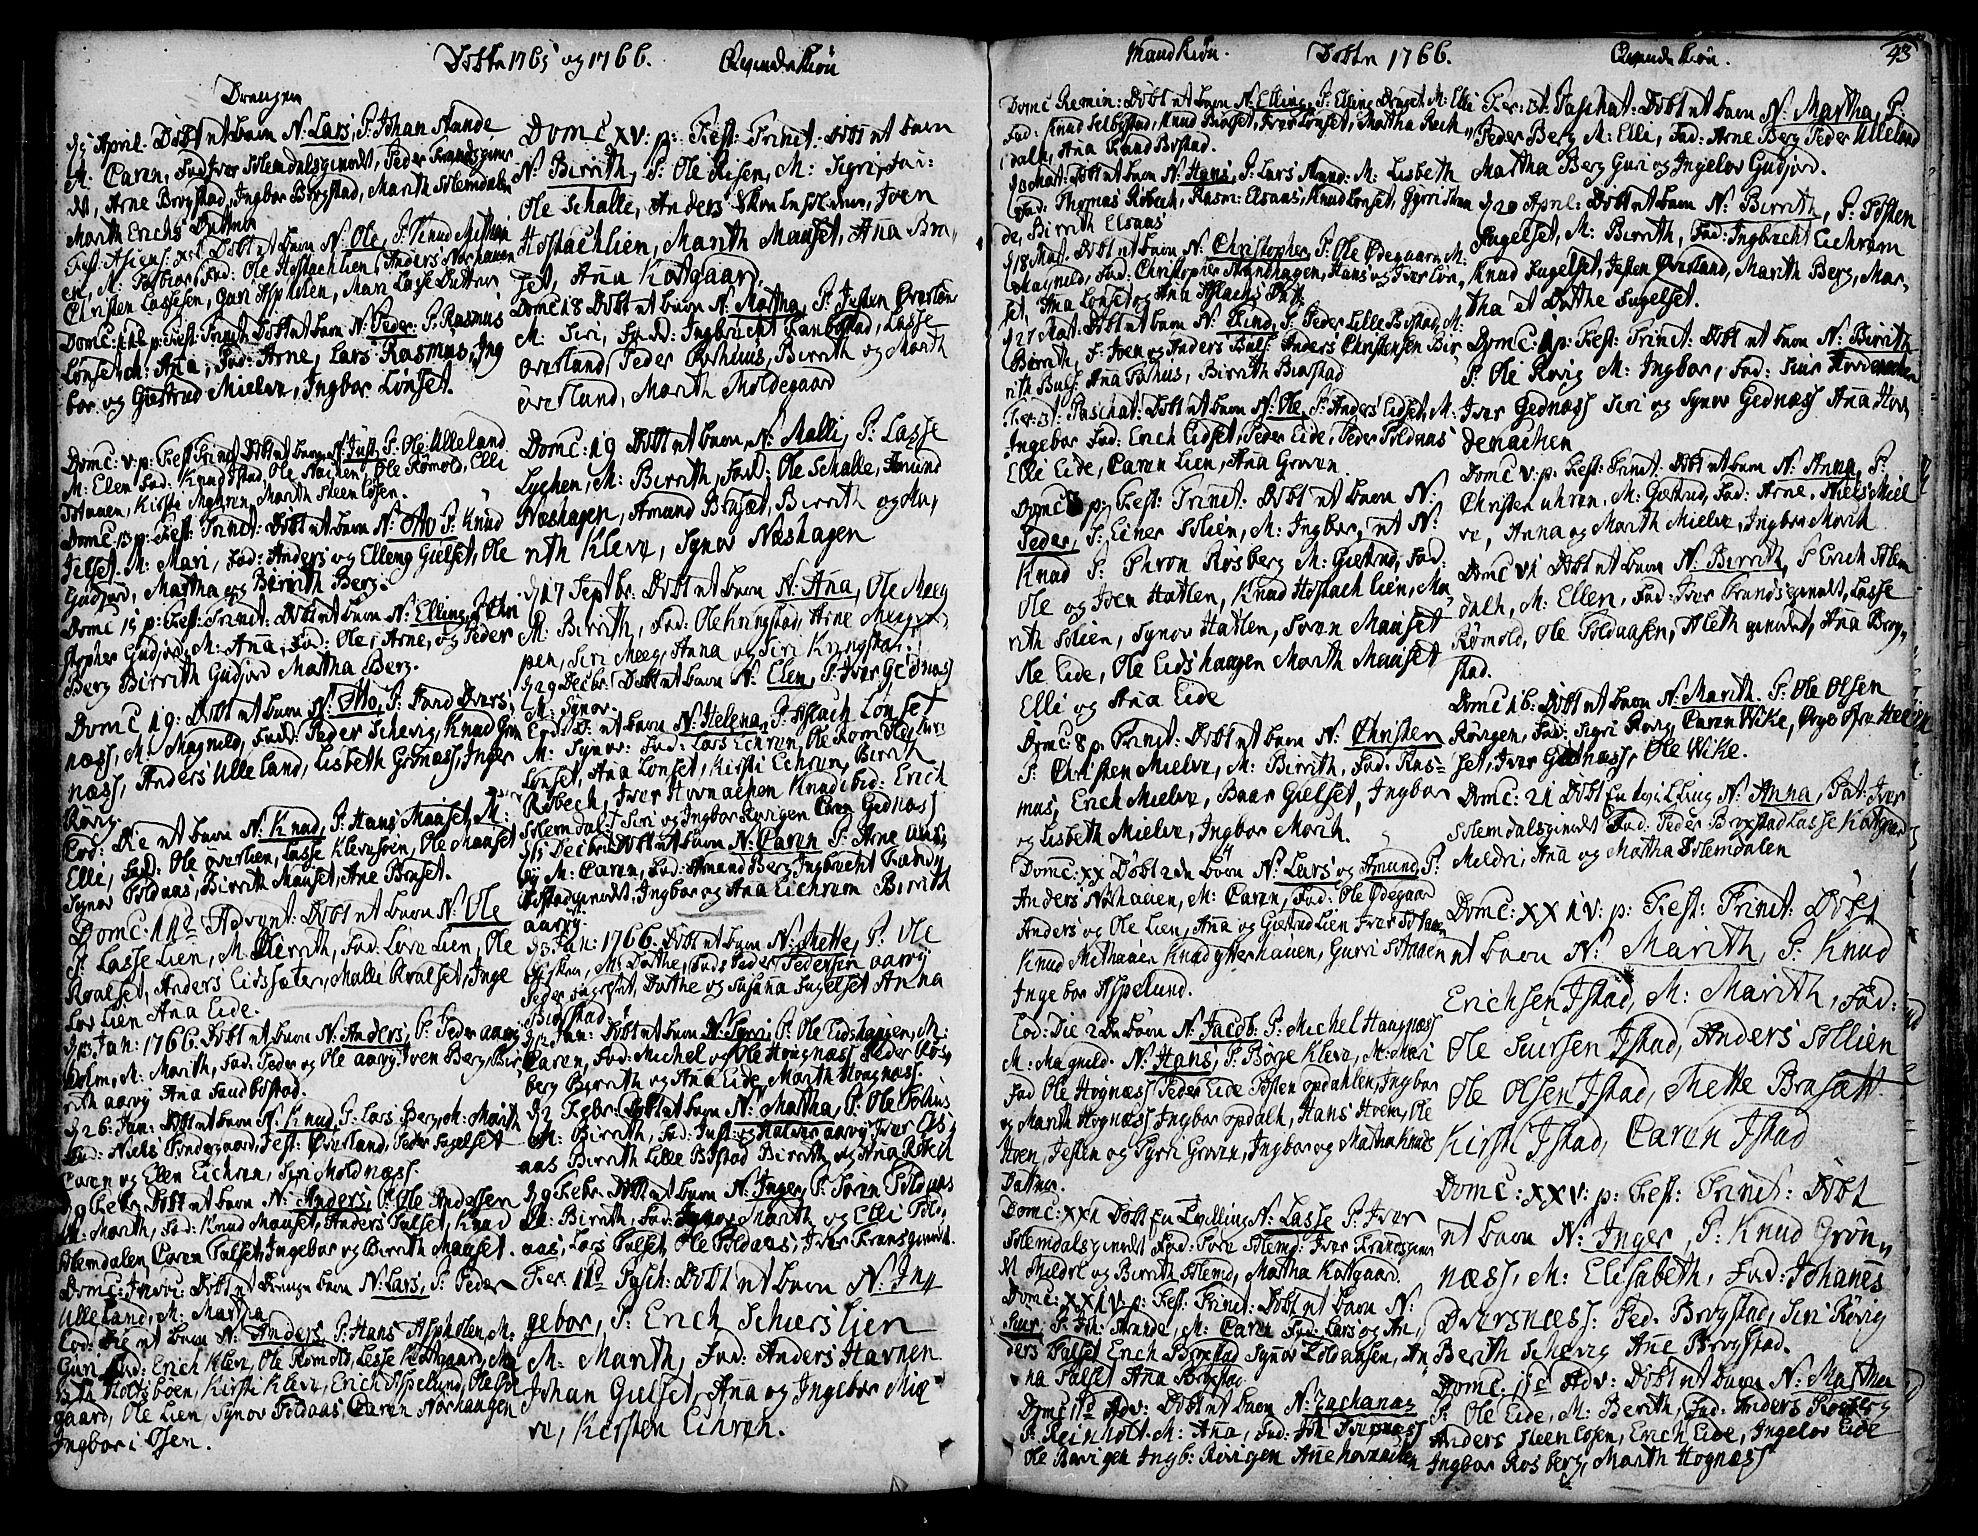 SAT, Ministerialprotokoller, klokkerbøker og fødselsregistre - Møre og Romsdal, 555/L0648: Ministerialbok nr. 555A01, 1759-1793, s. 43